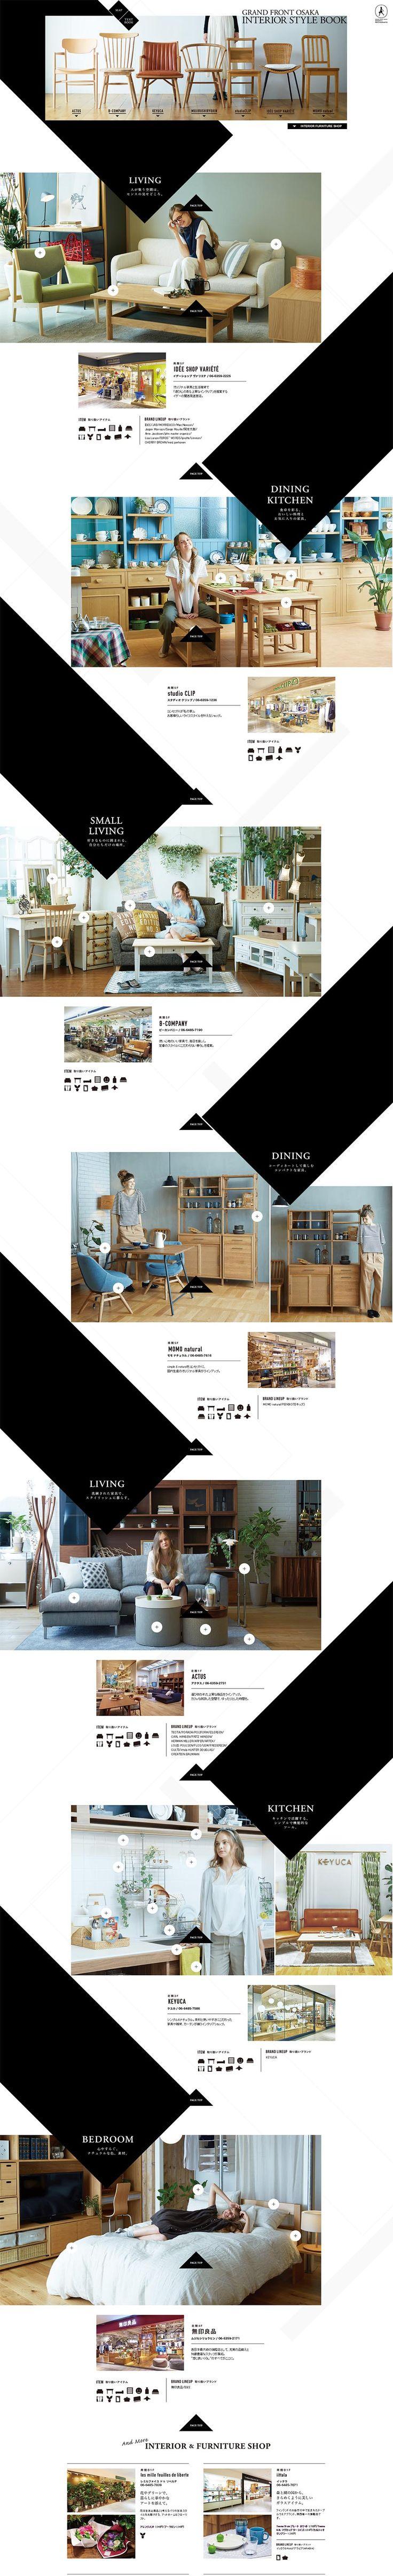 GRAND FRONT OSAKA INTERIOR STYLE BOOK【インテリア関連】のLPデザイン。WEBデザイナーさん必見!ランディングページのデザイン参考に(シンプル系)